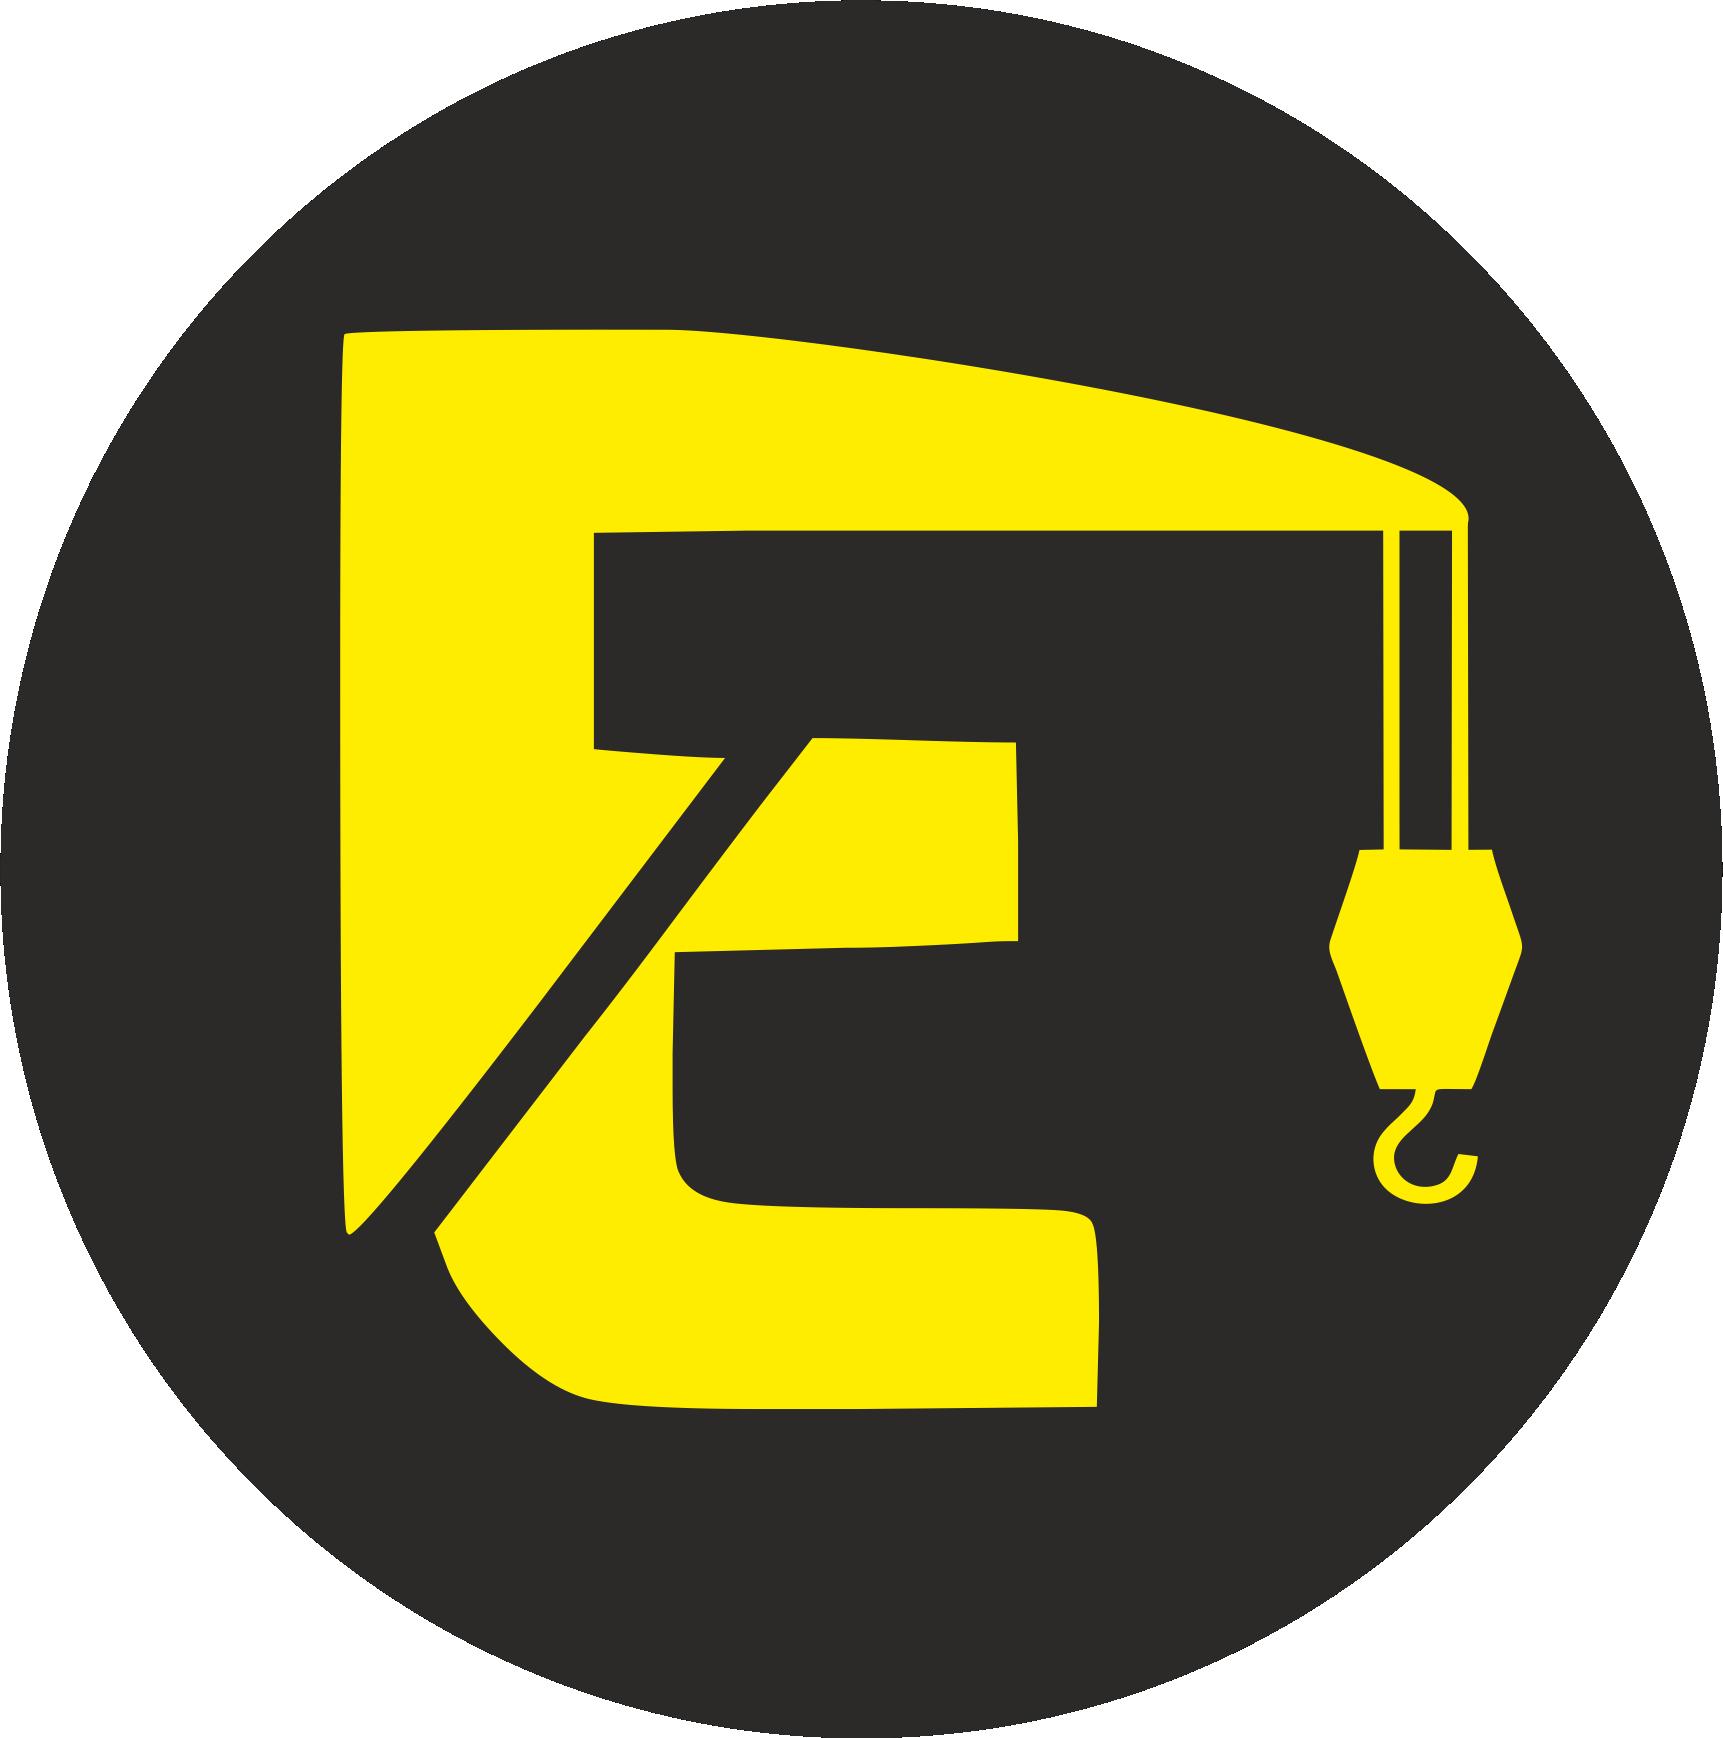 EDUCRANE - Szkolenia: obsługa i konserwacja urządzeń dźwignicowych/ Resurs/ Doradztwo techniczne